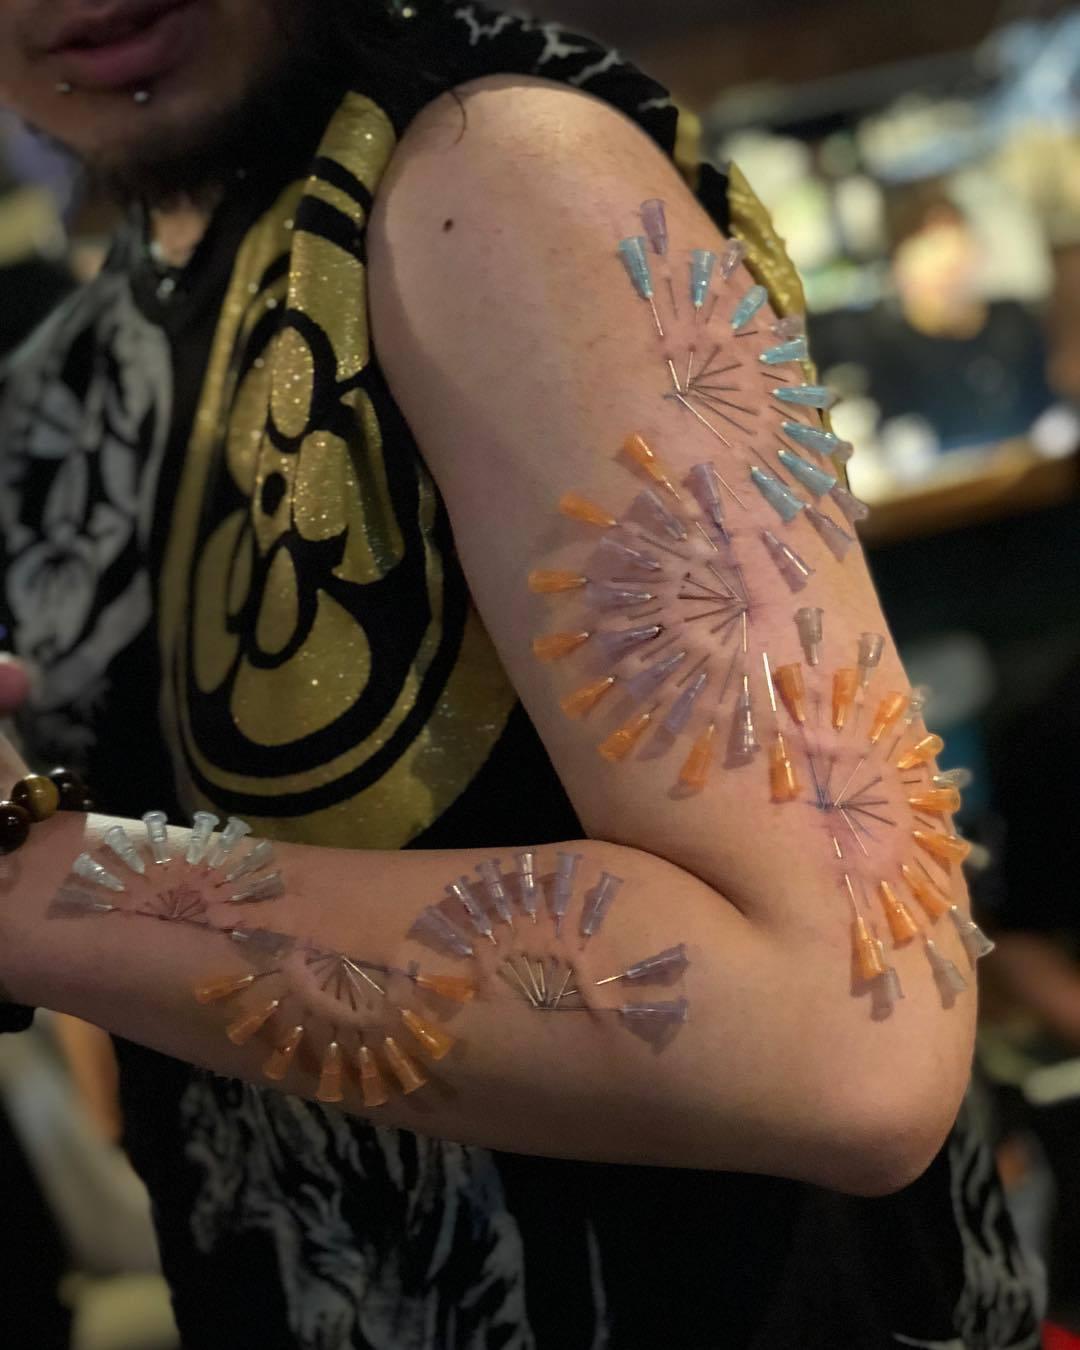 Tatuagem Com Agulhas Na Pele Dá Para Encarar Essa Fotos